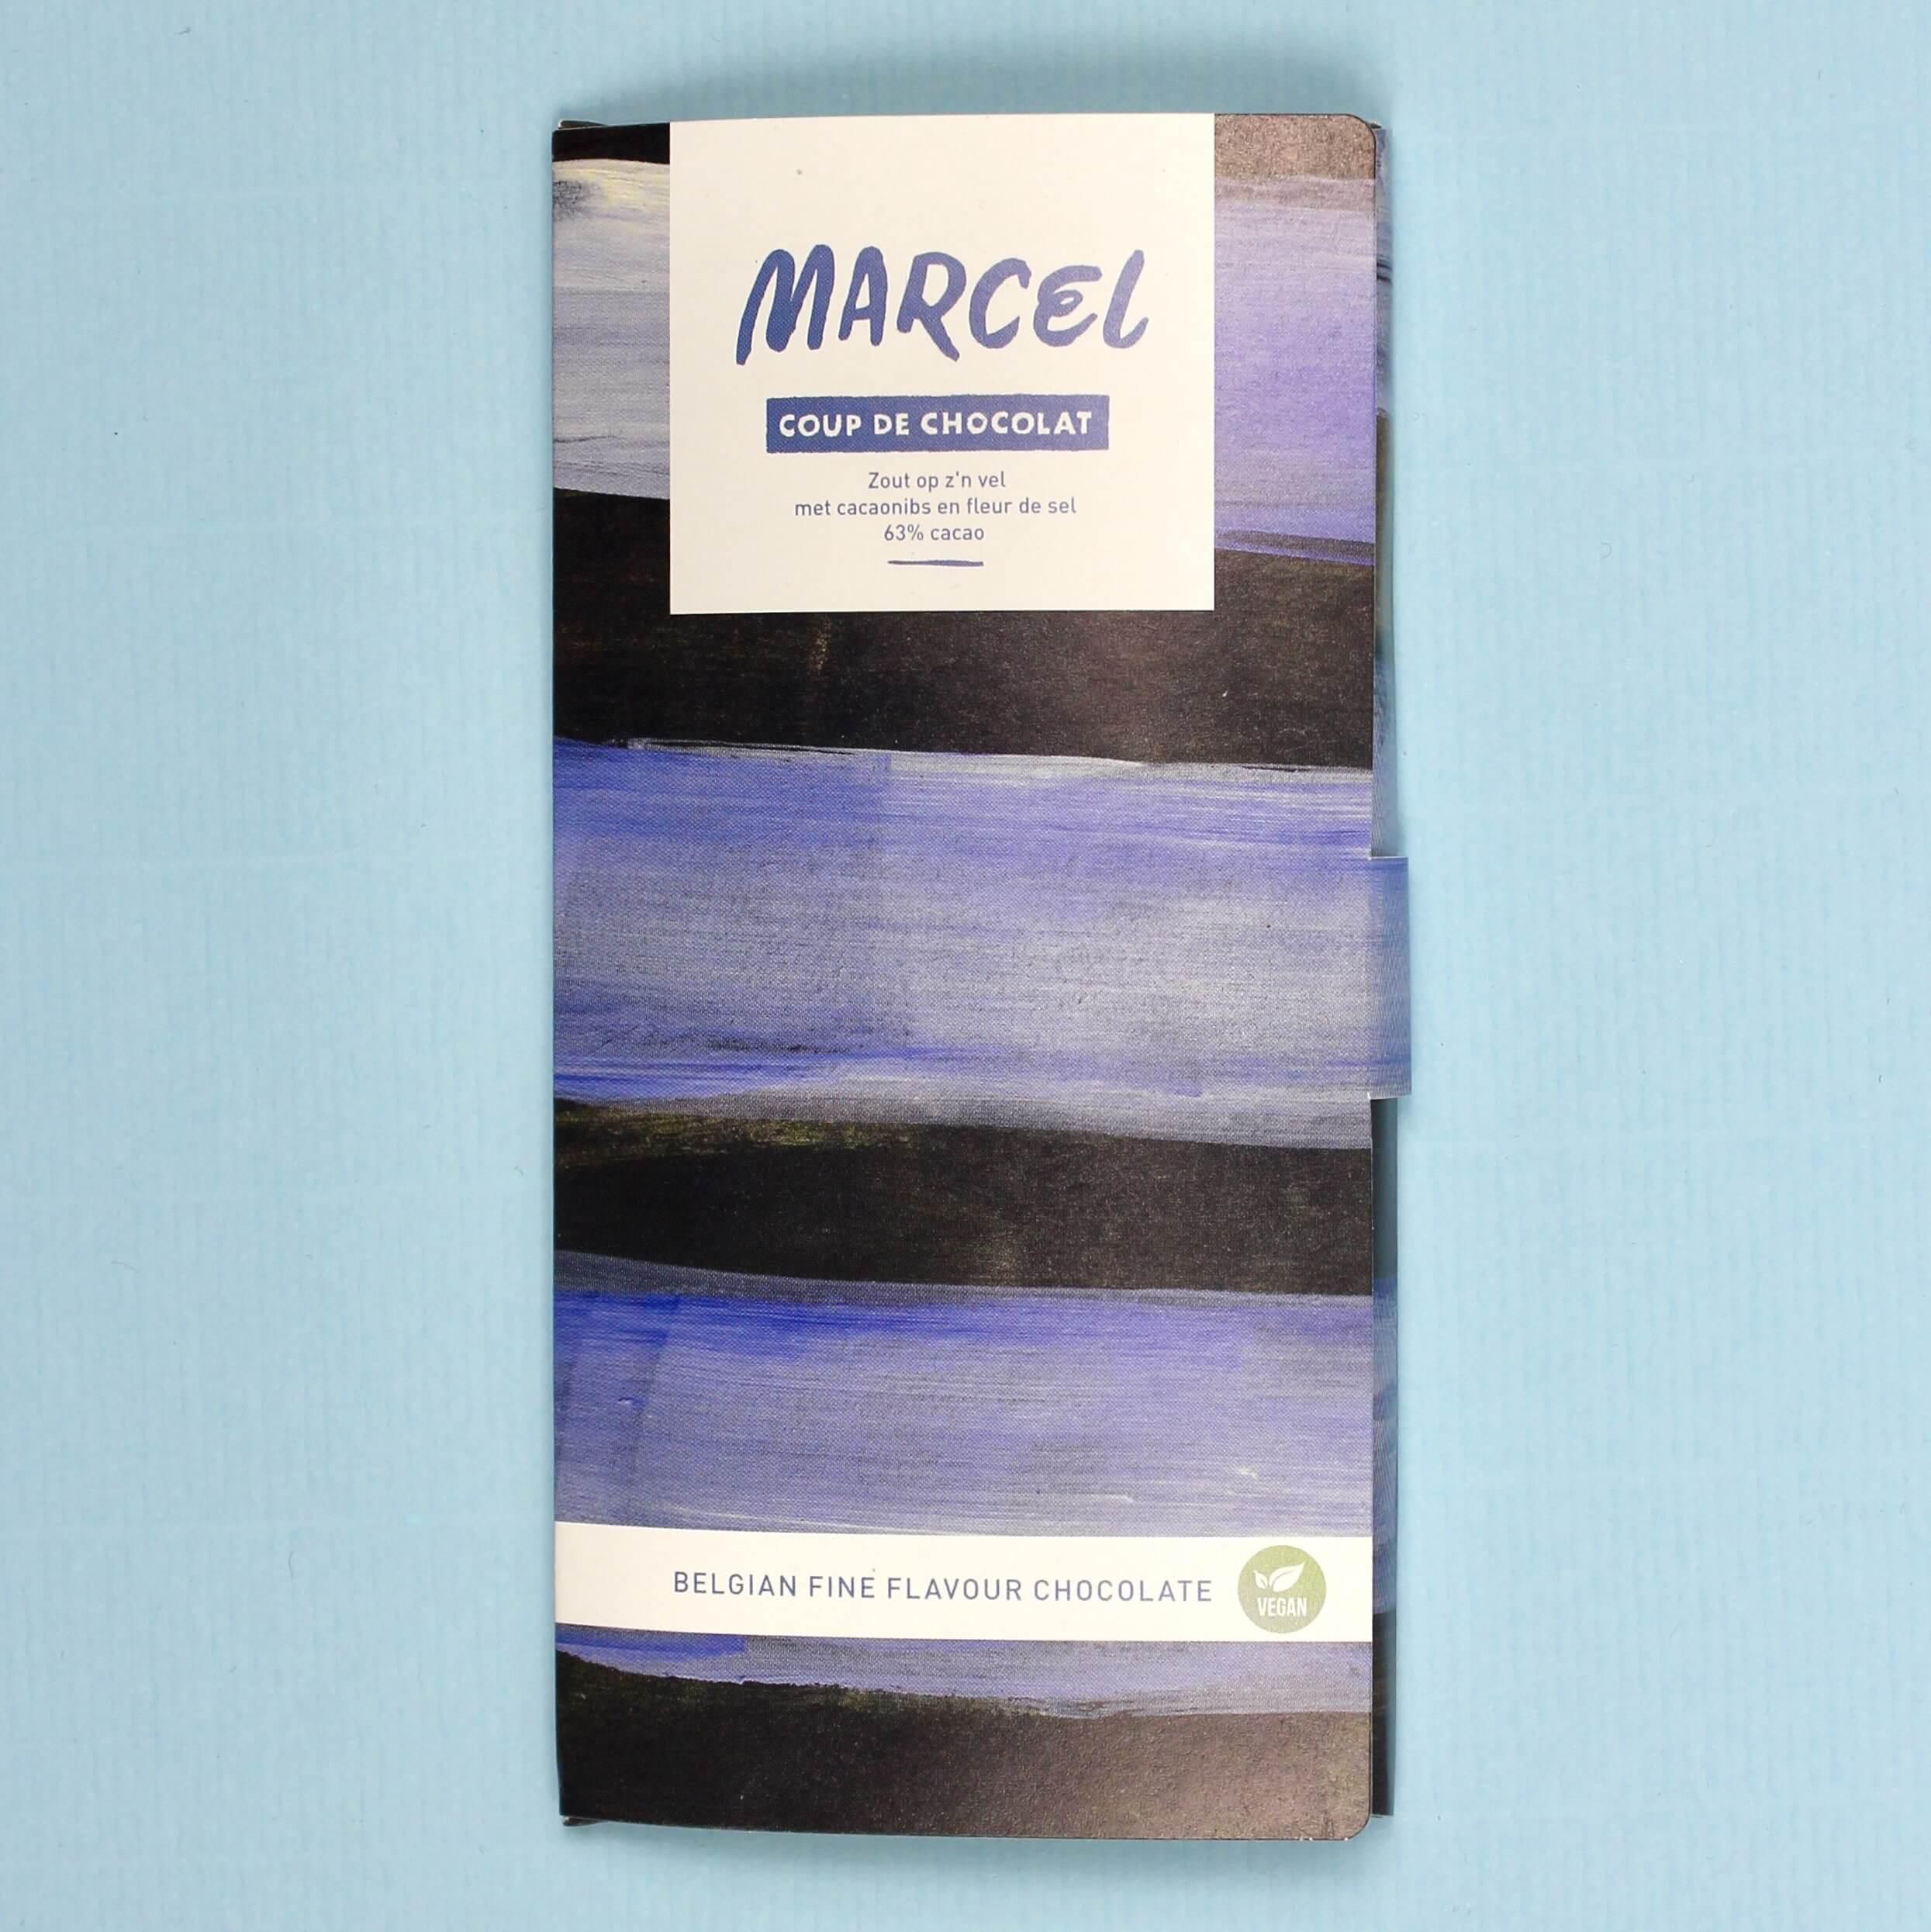 coup de chocolat marcel 63